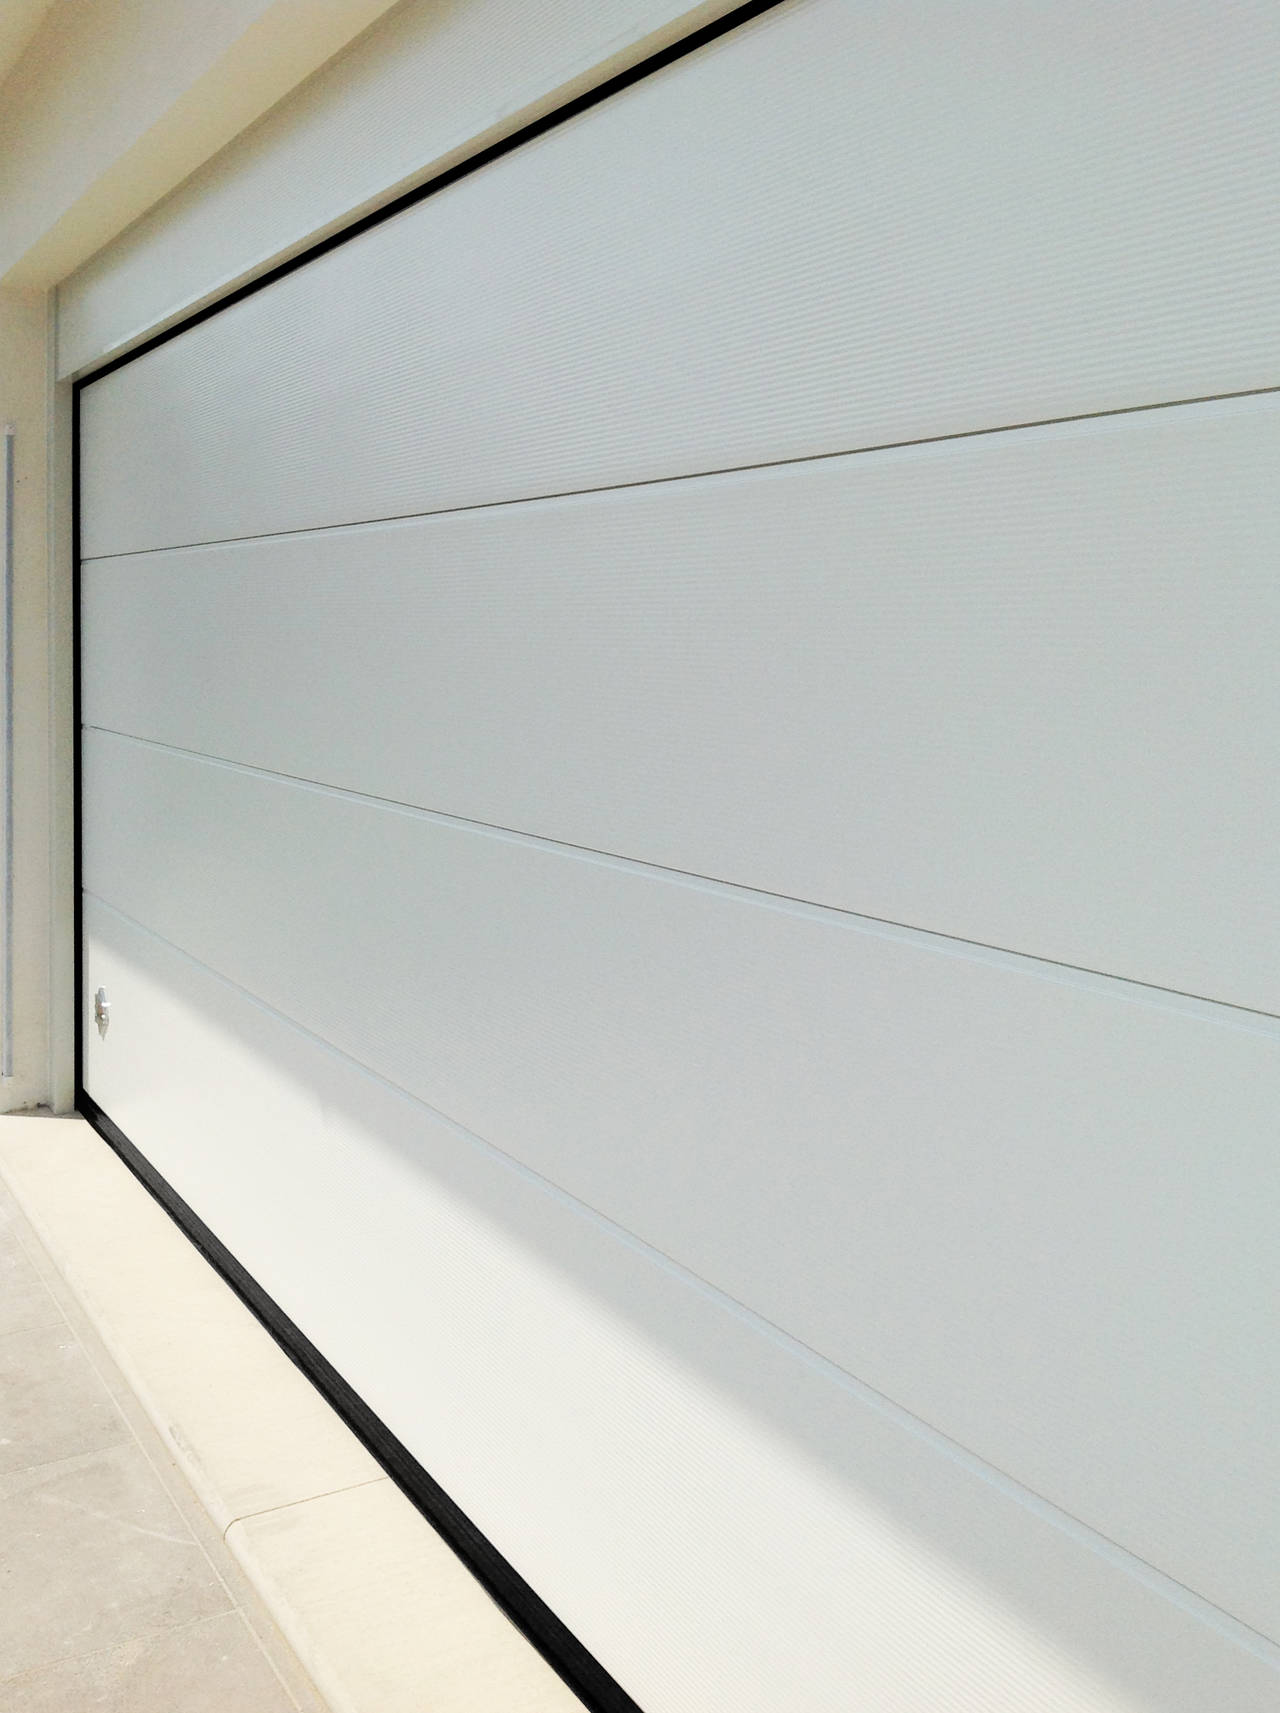 Portone sezionale PERSUS di Breda con finitura Multi Rib di colore bianco con speciale motivo a onde orizzontale